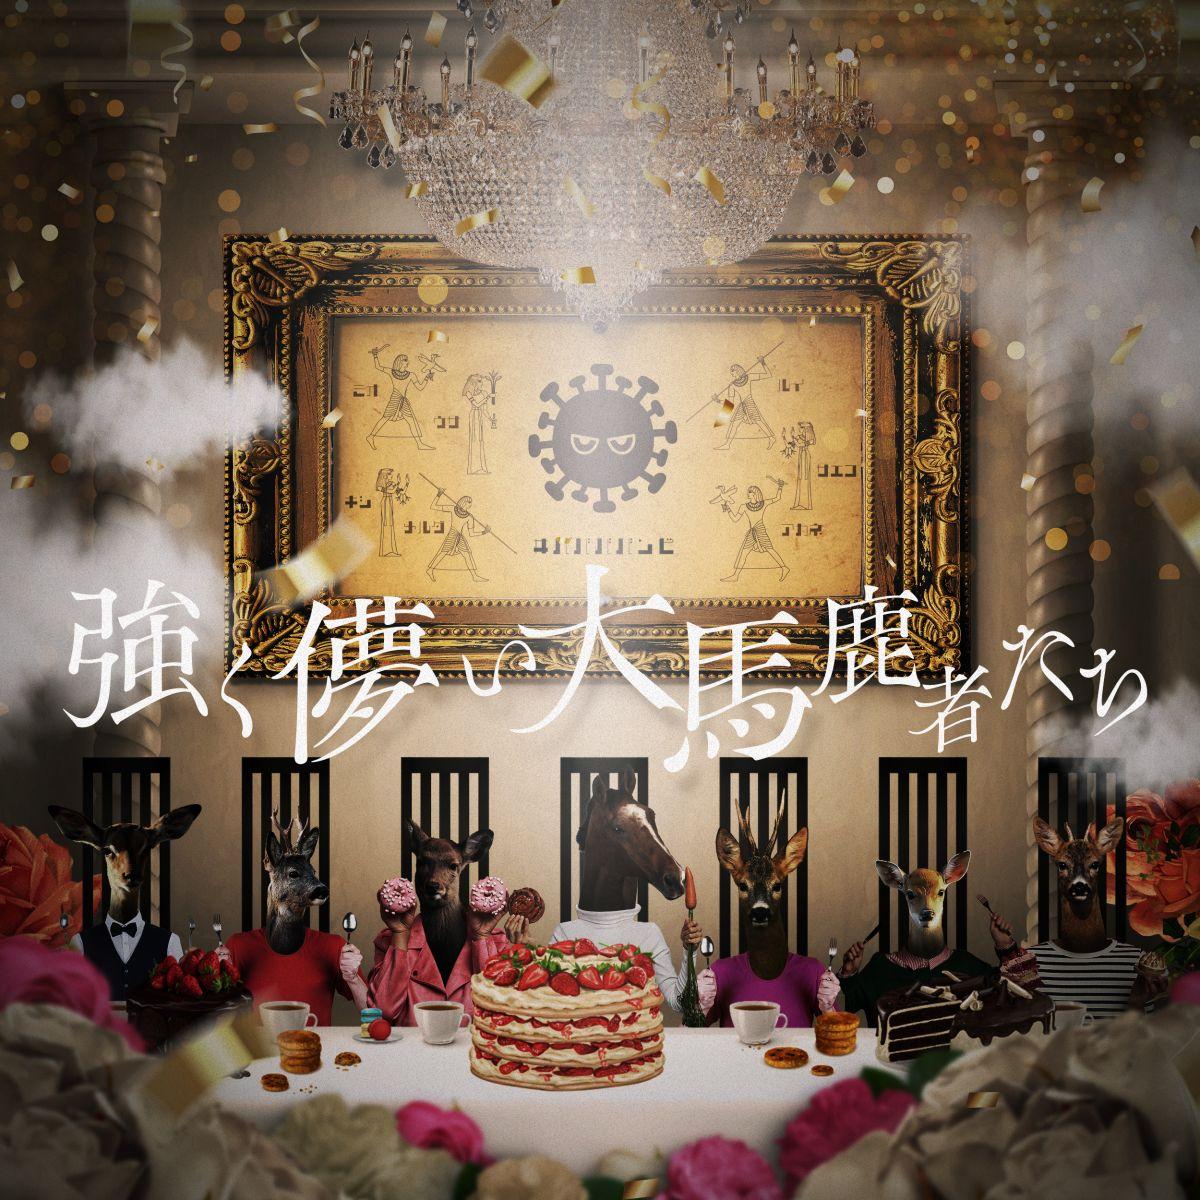 【#ババババンビ】1st Full Album「強く儚い大馬鹿者たち」